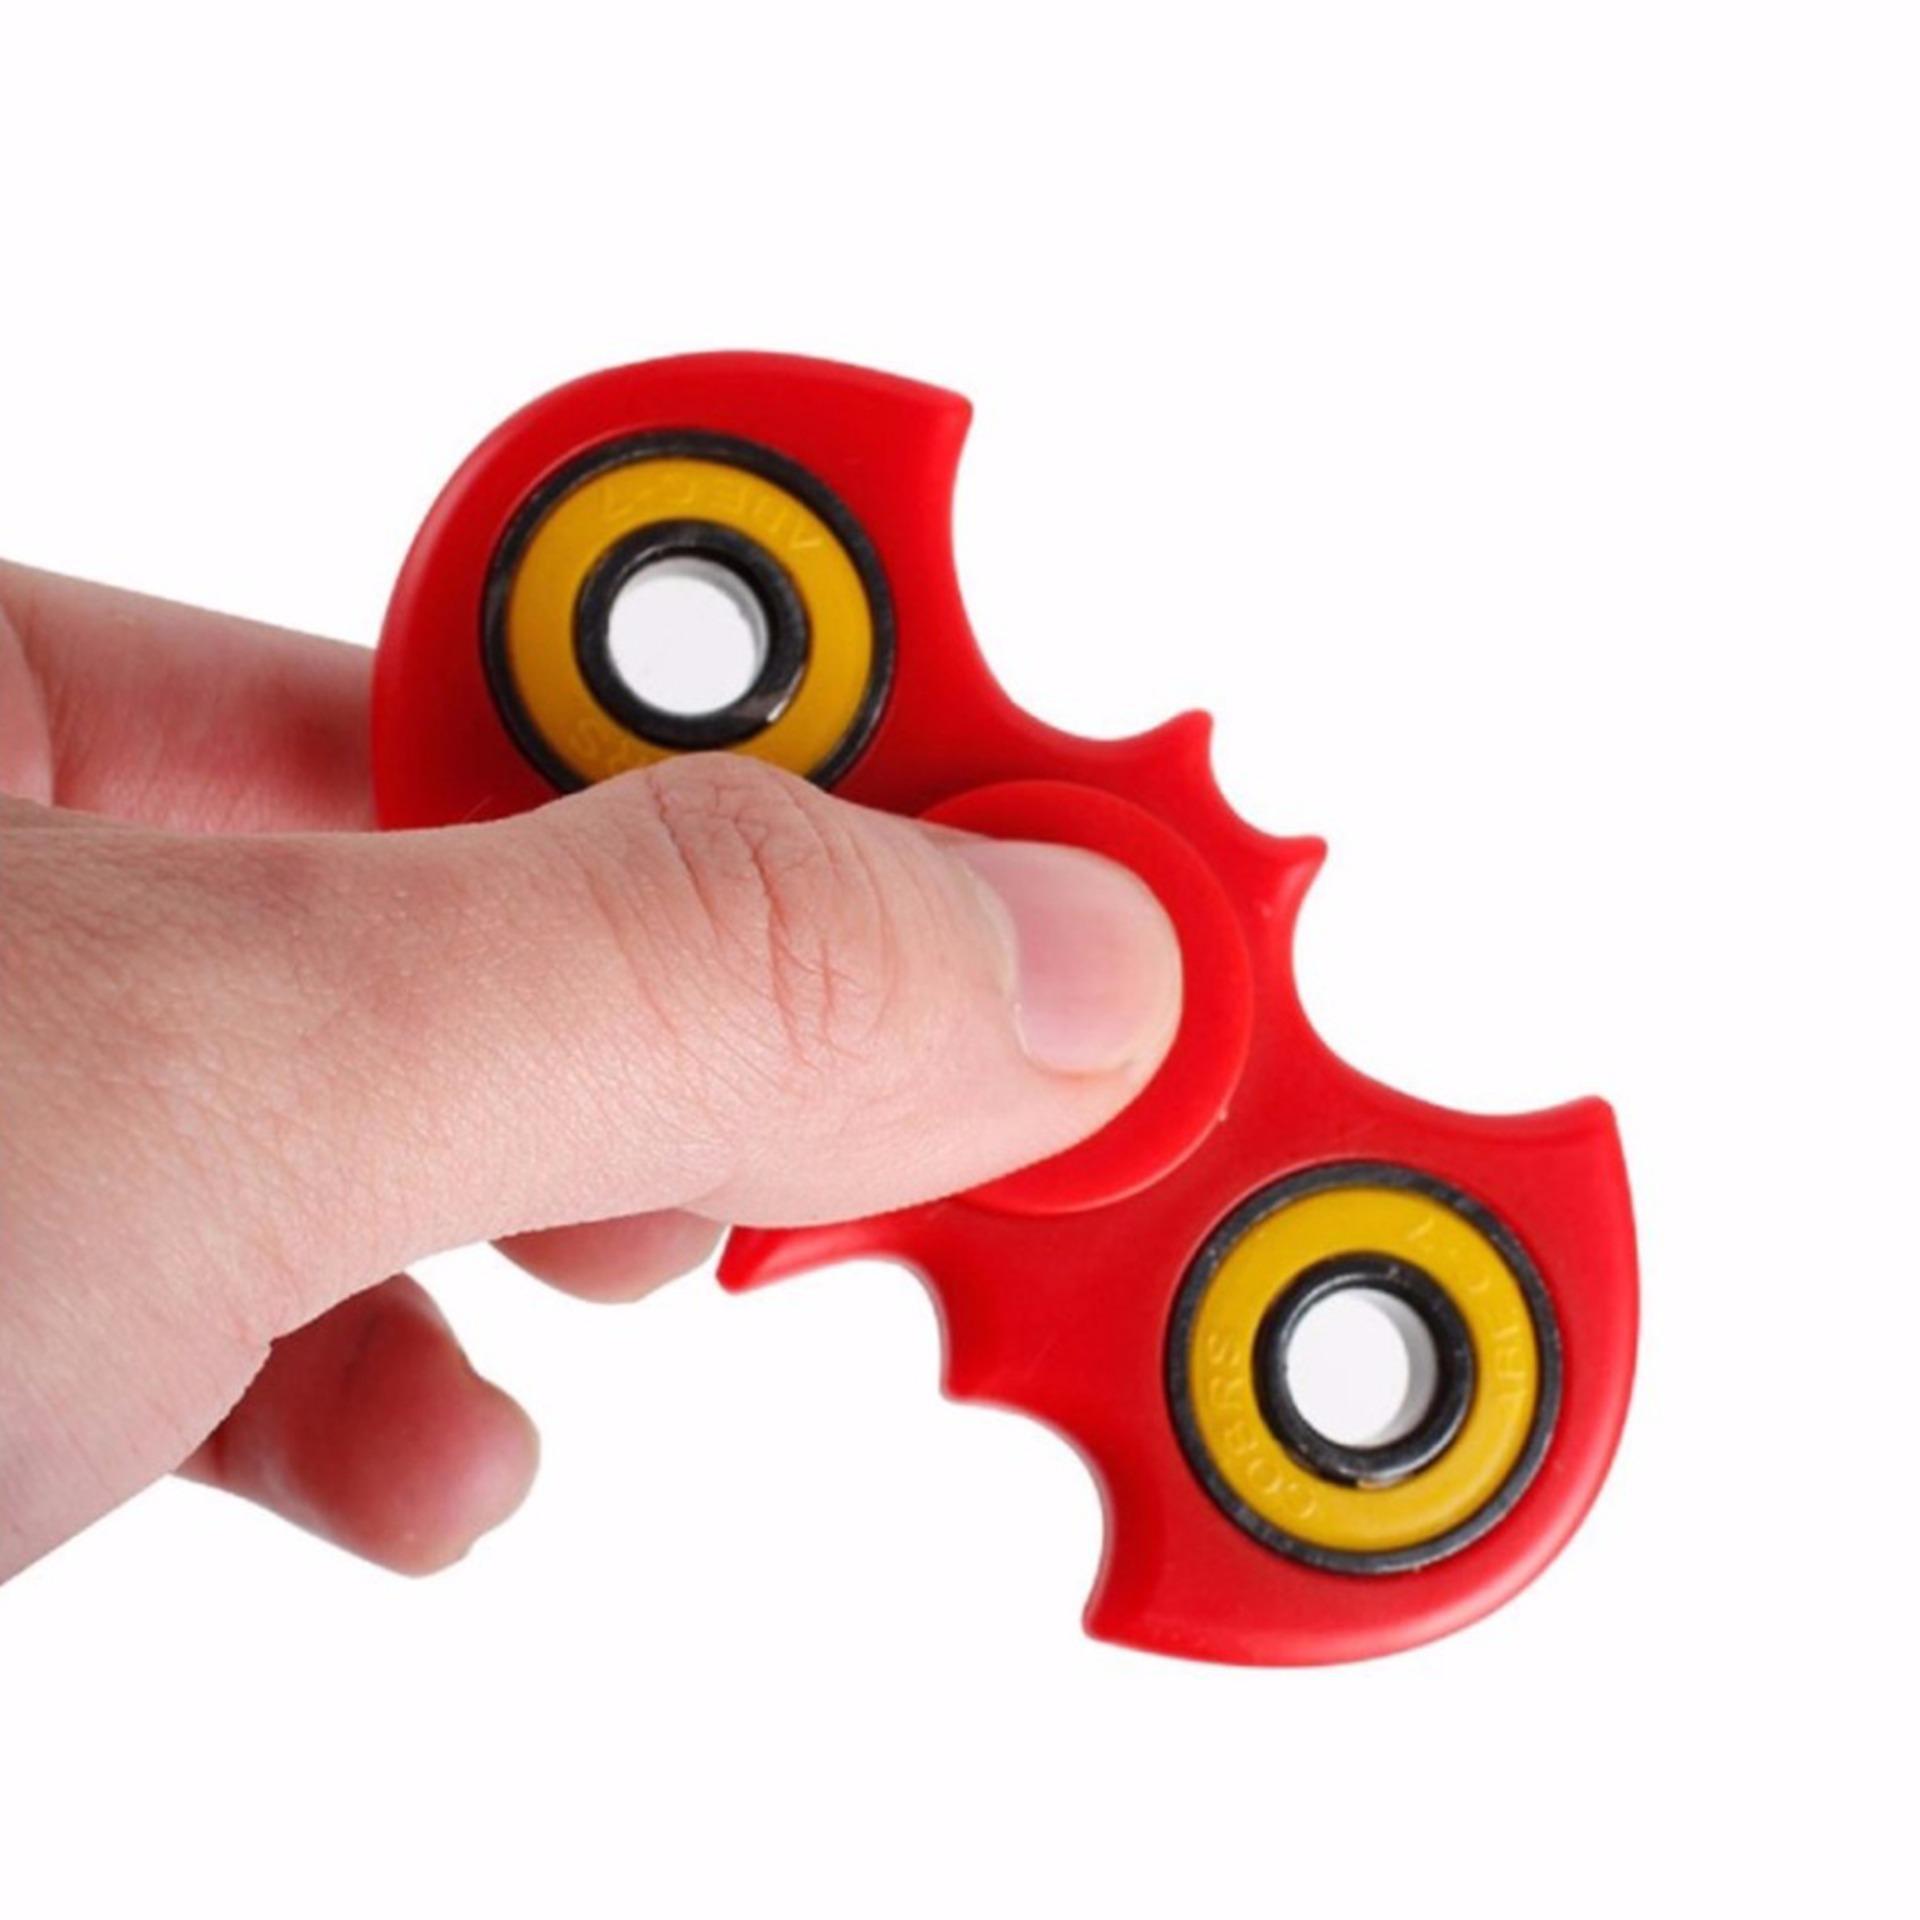 Fidget Spinner BATM4N Kelelawar Hand Toys Focus Games - Mainan Spinner Tangan Penghilang Kebiasan Buruk -